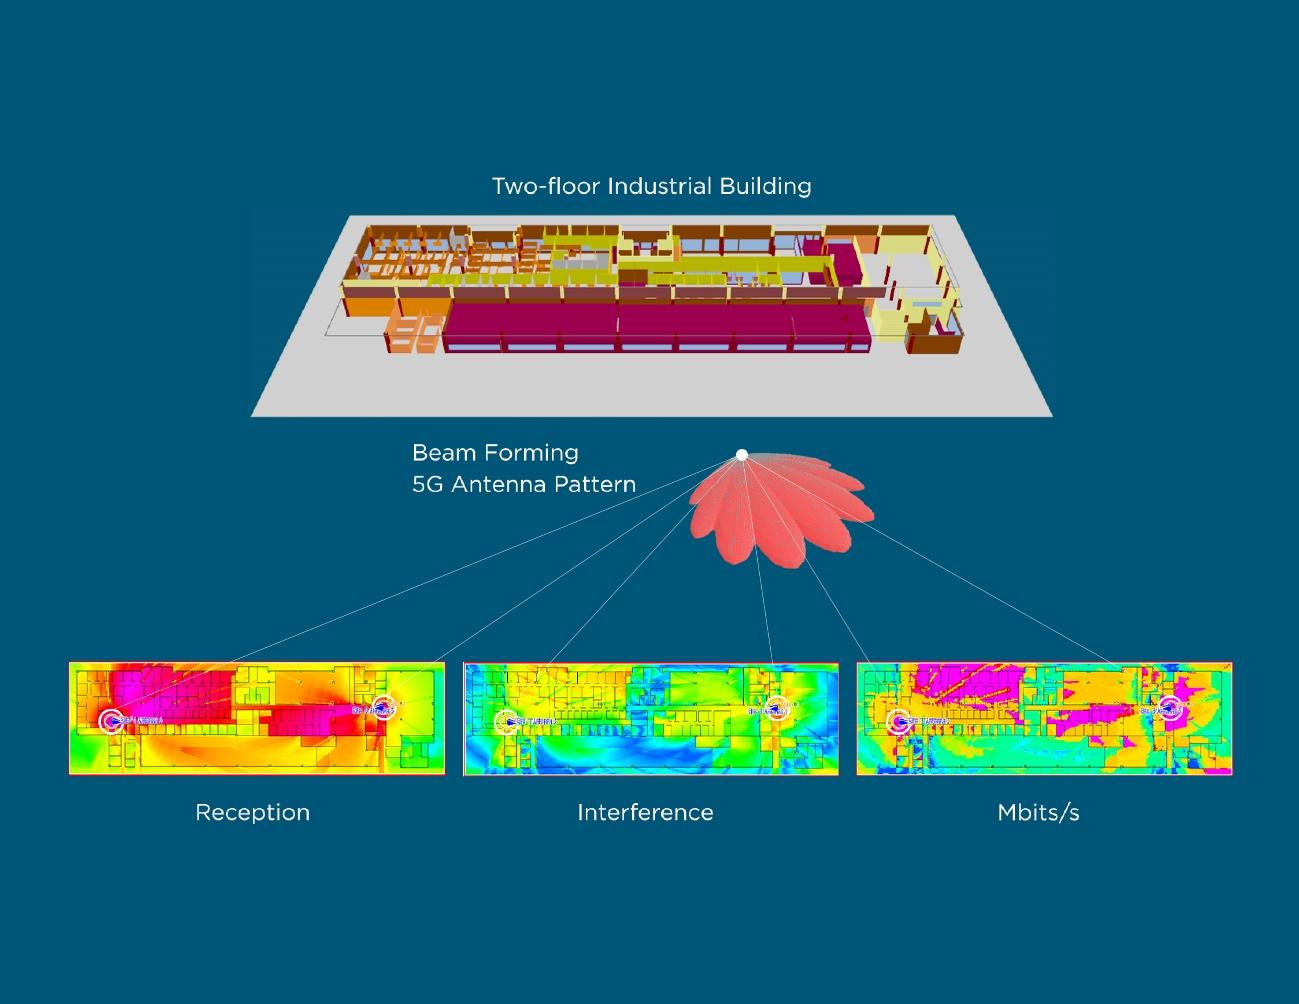 5Gを工場の床に設置。5G無線ネットワークのカバレッジに関するハイレベルなシステム解析に活用するための、5G基地局のアンテナパターンのシミュレーション